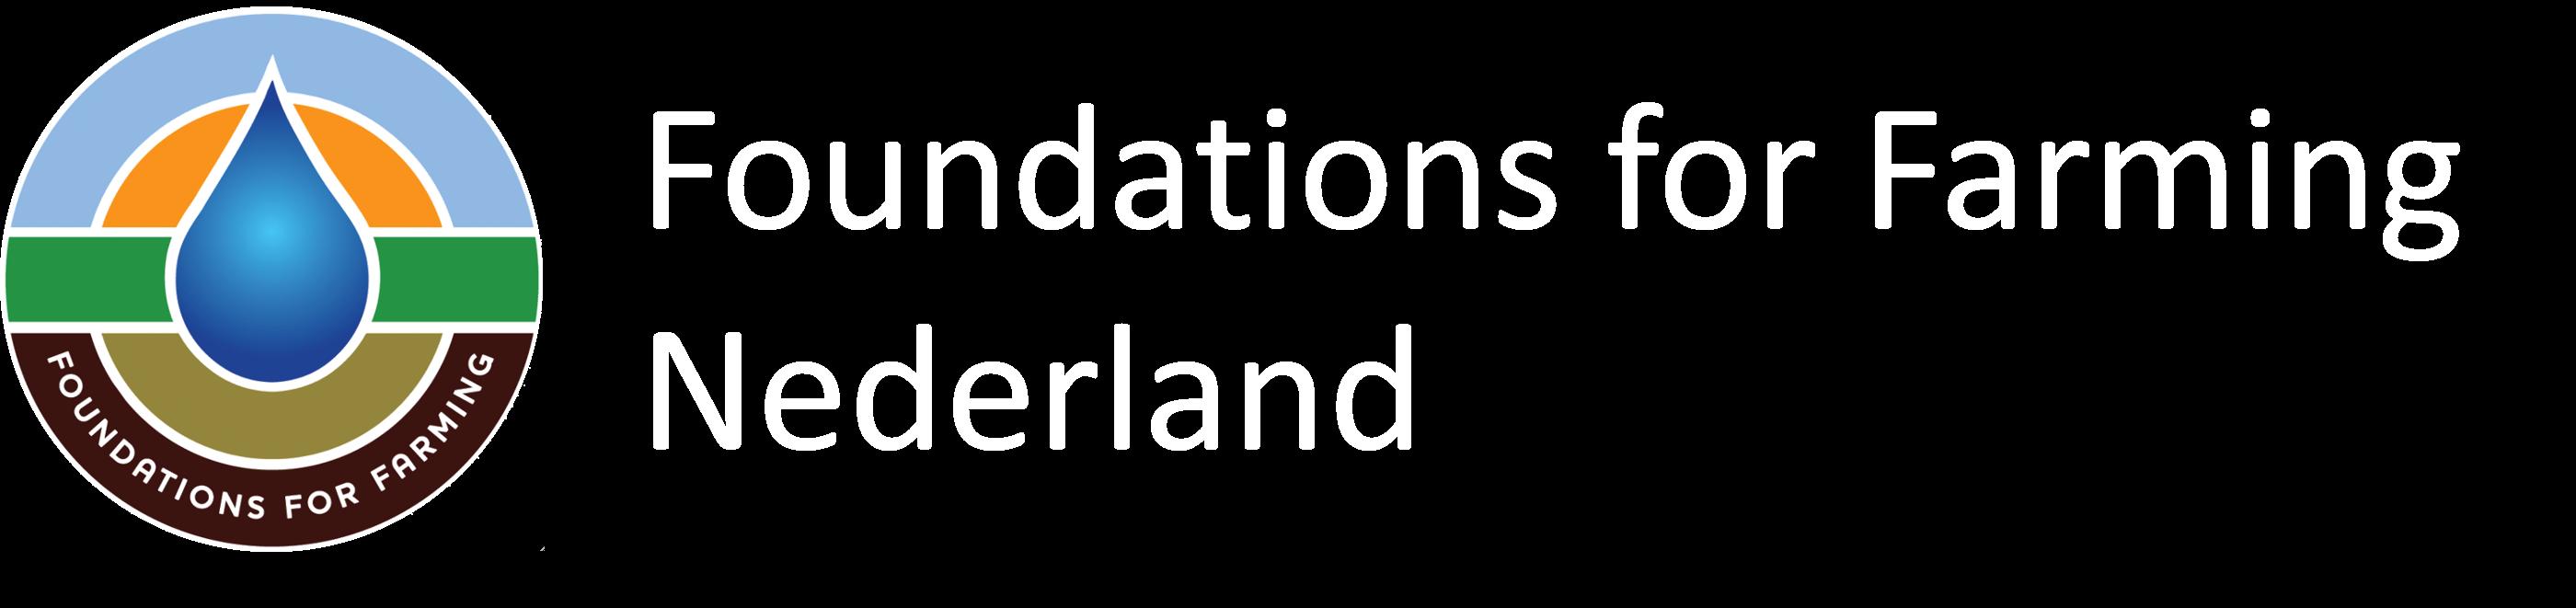 Foundations for Farming Nederland